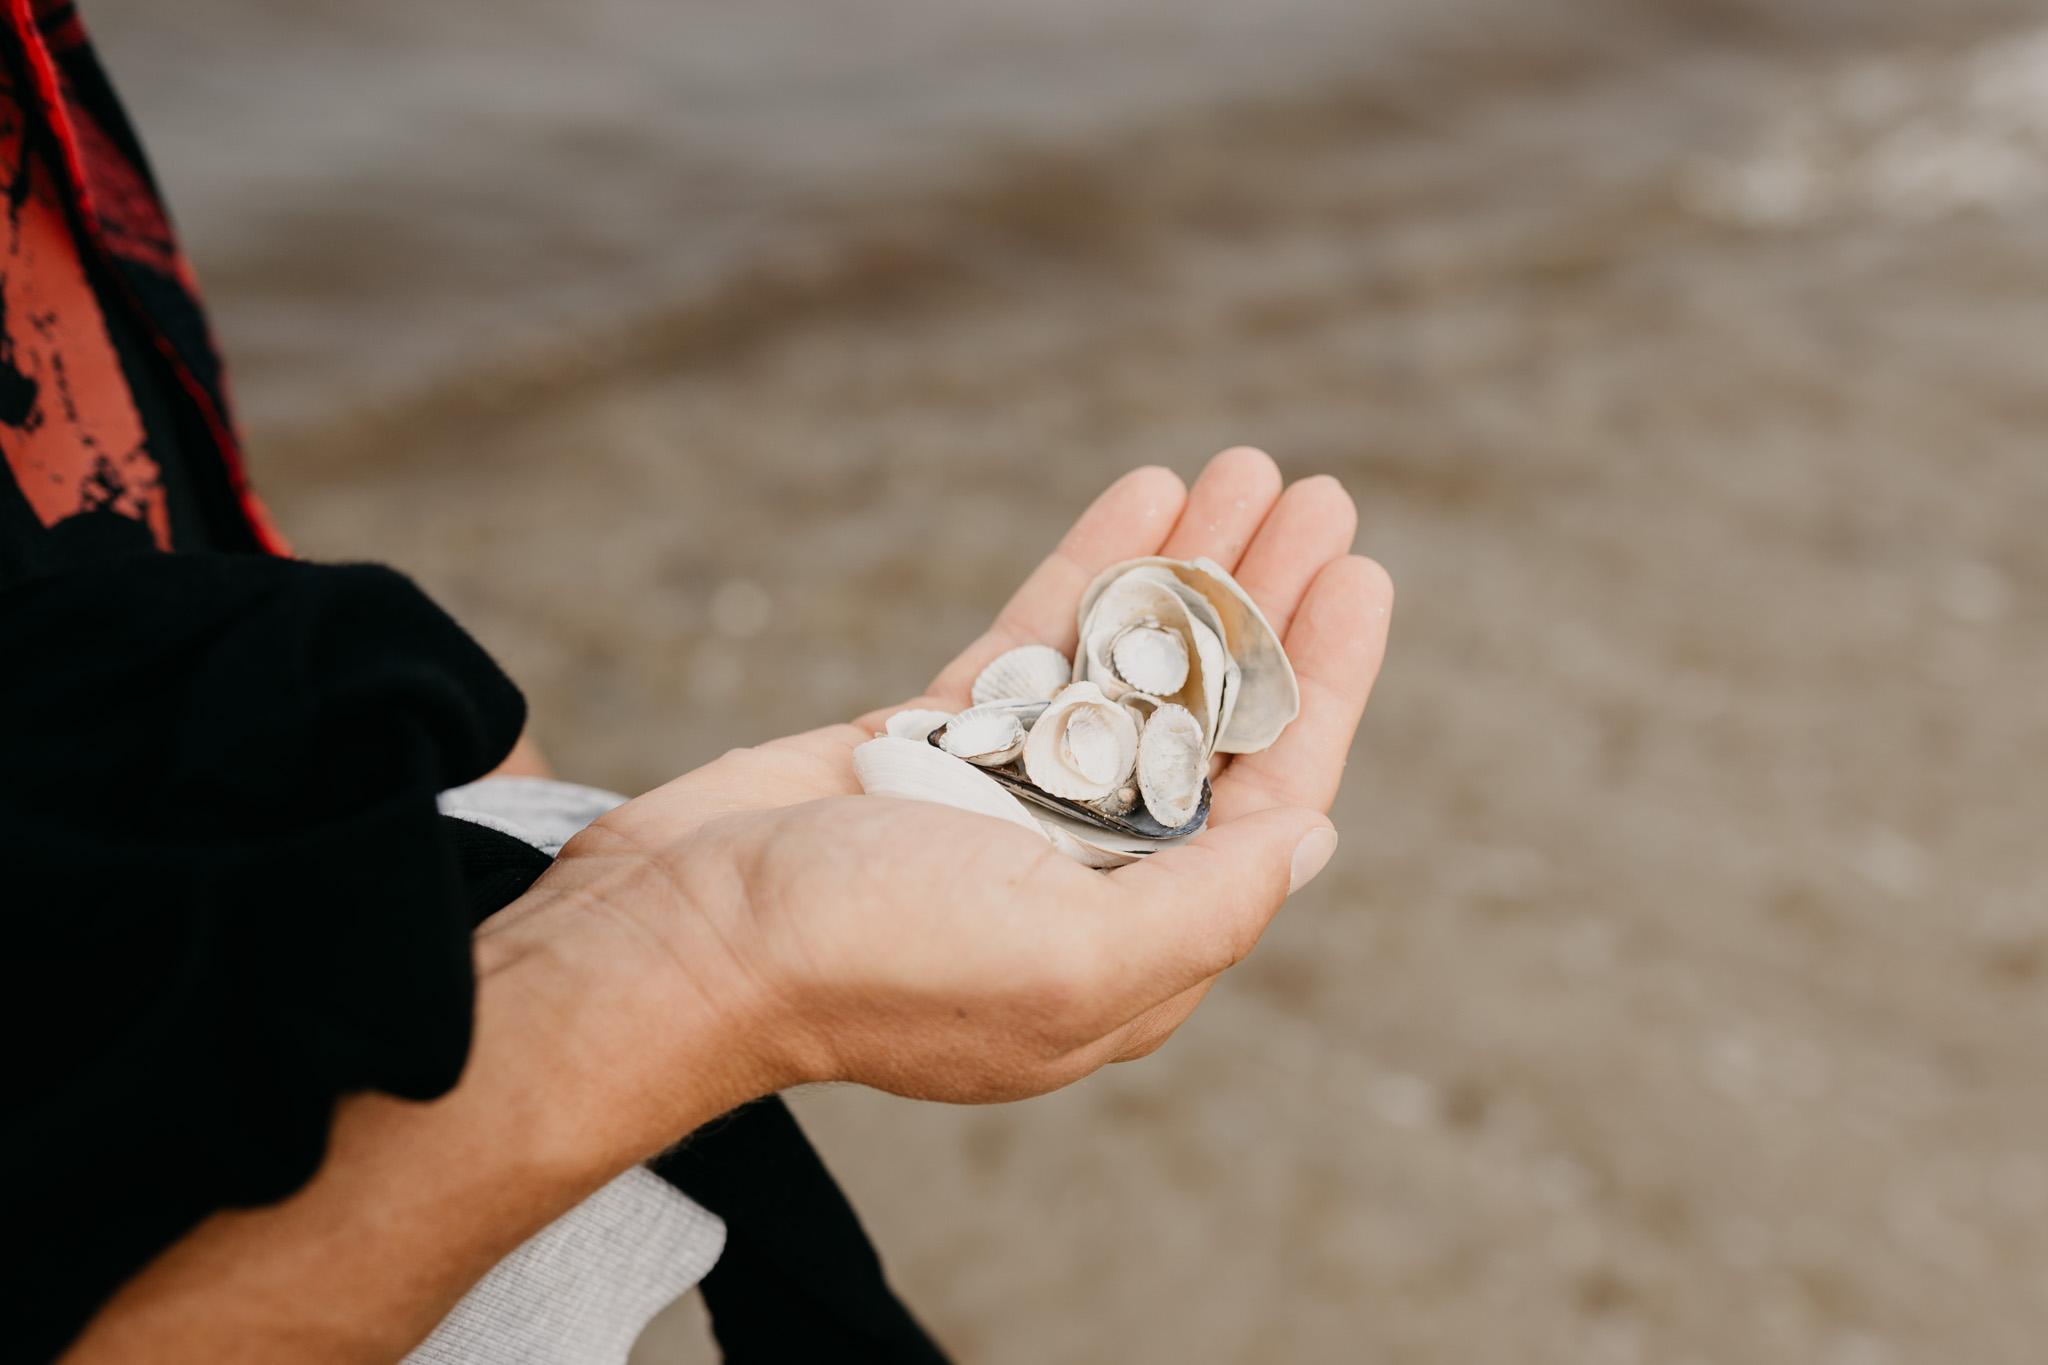 Eine Hand voller Muscheln